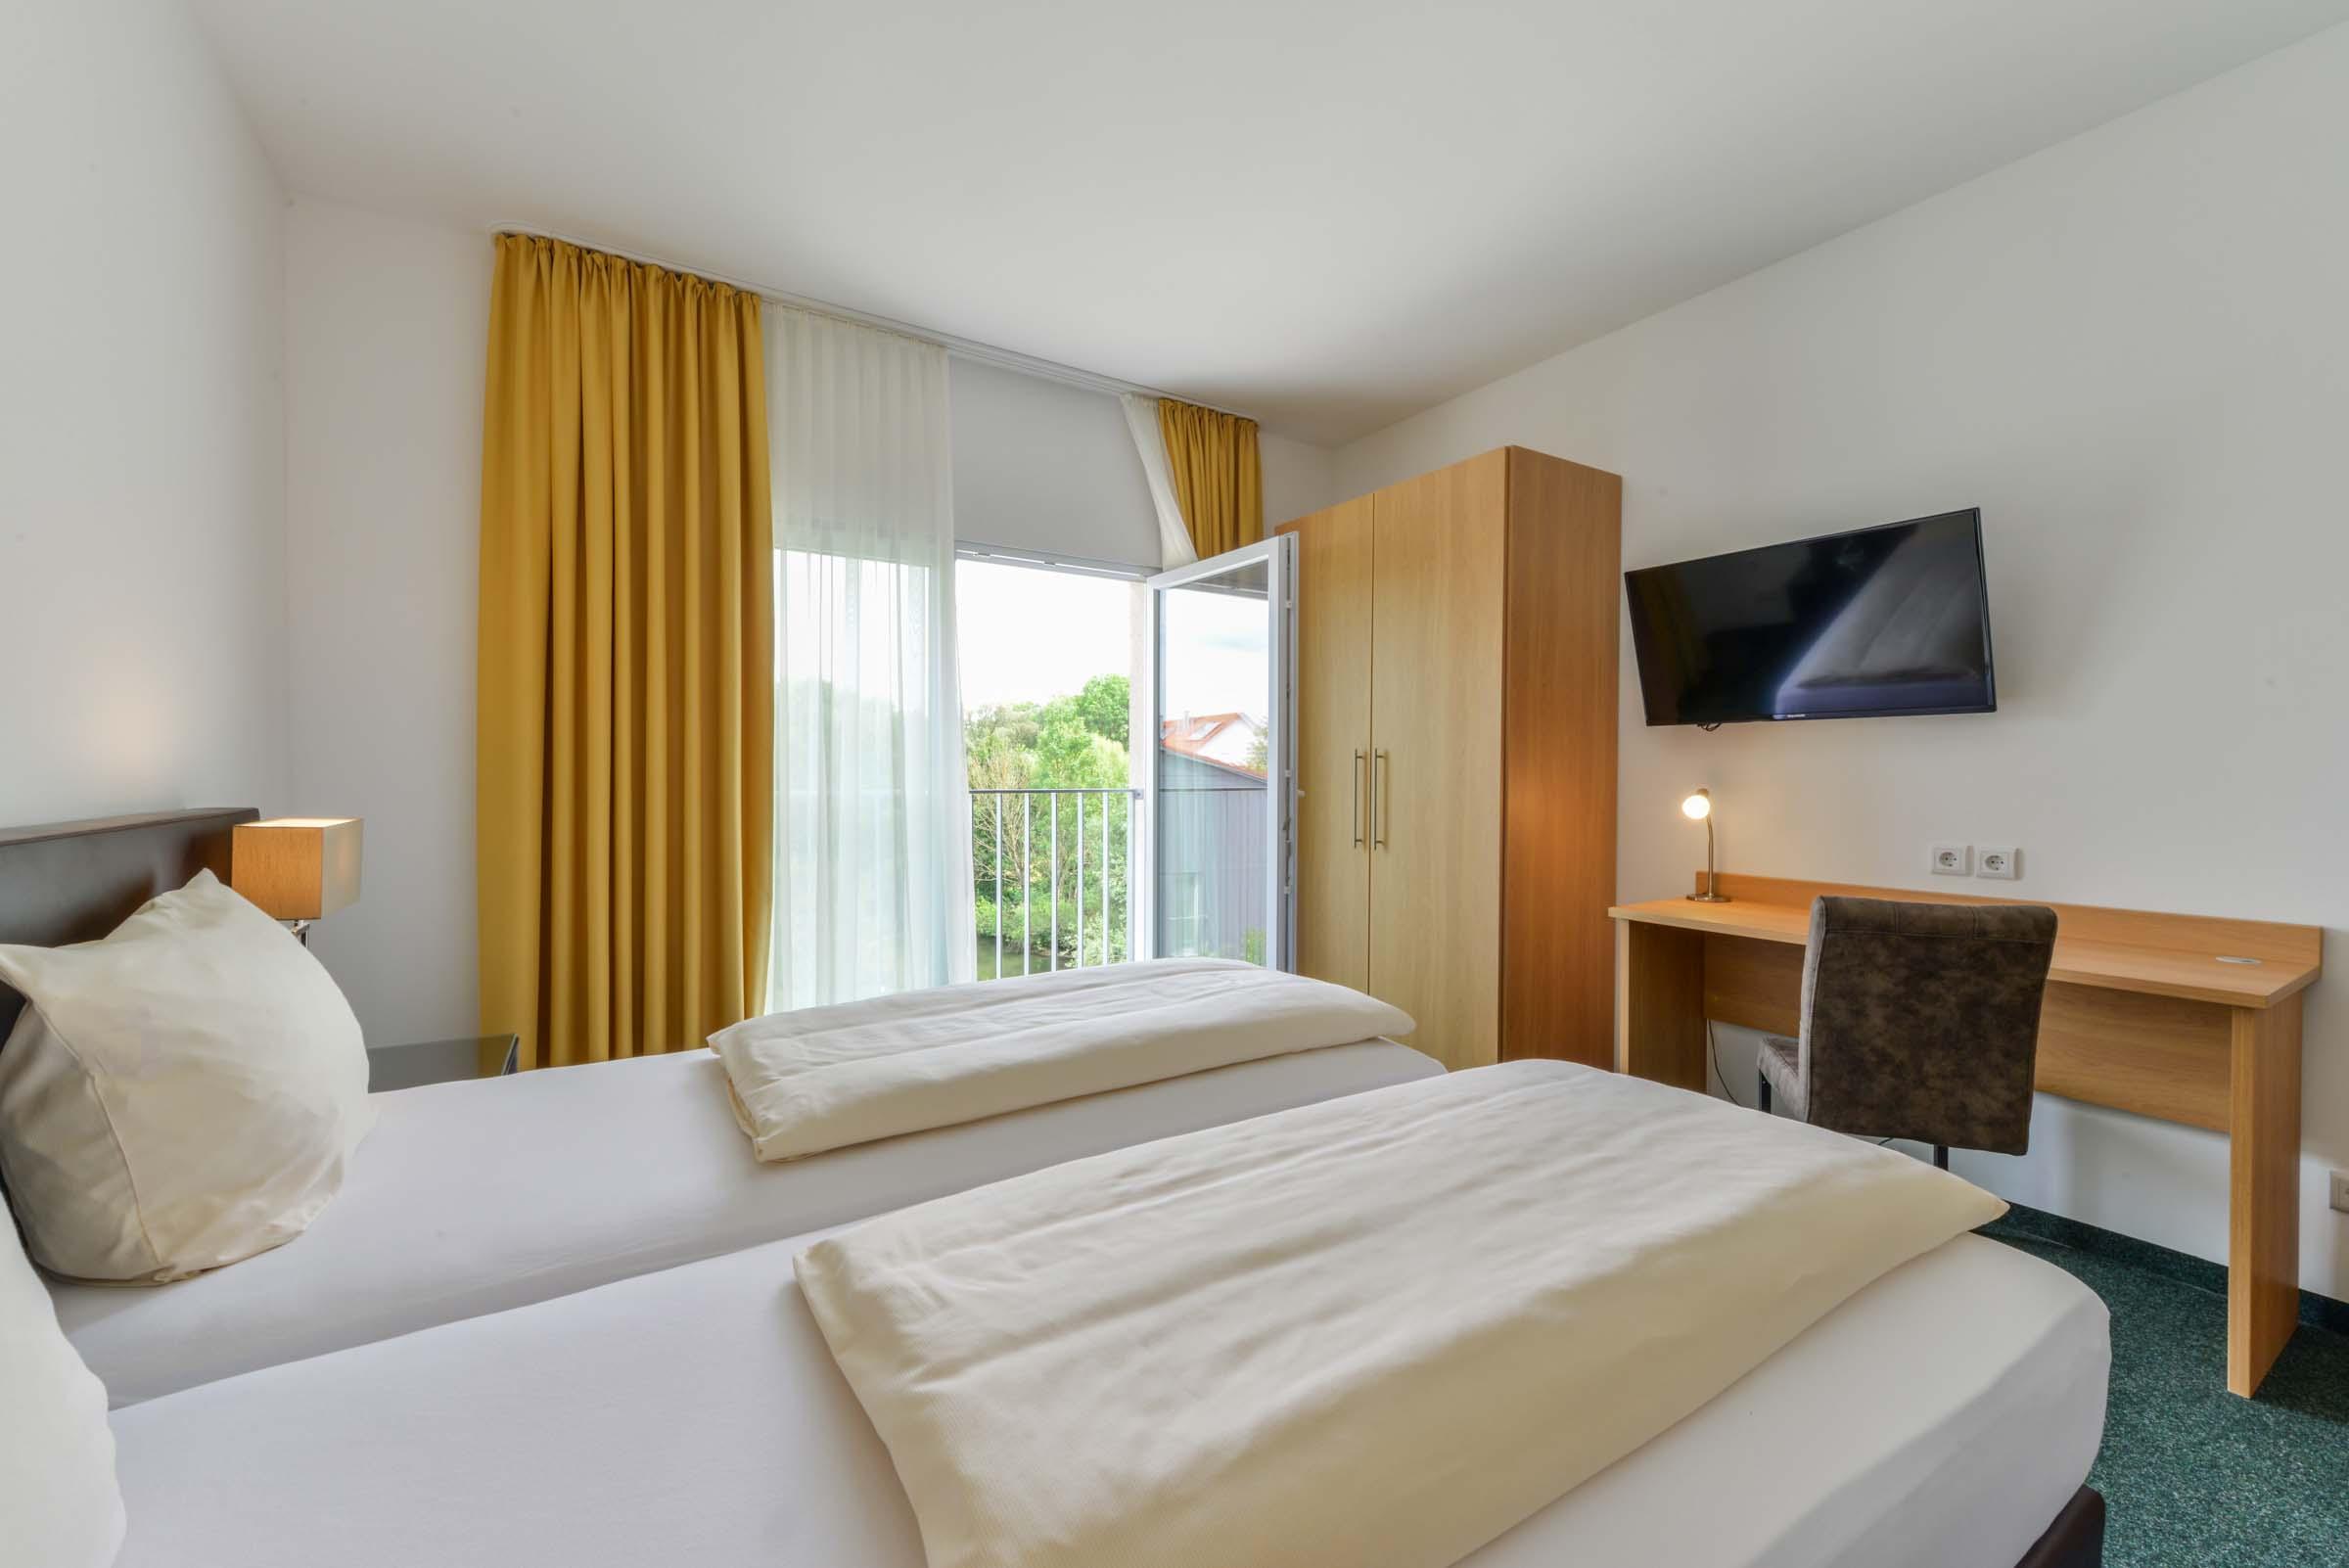 Hotel Nagerl - Doppelzimmer am Flughafen München